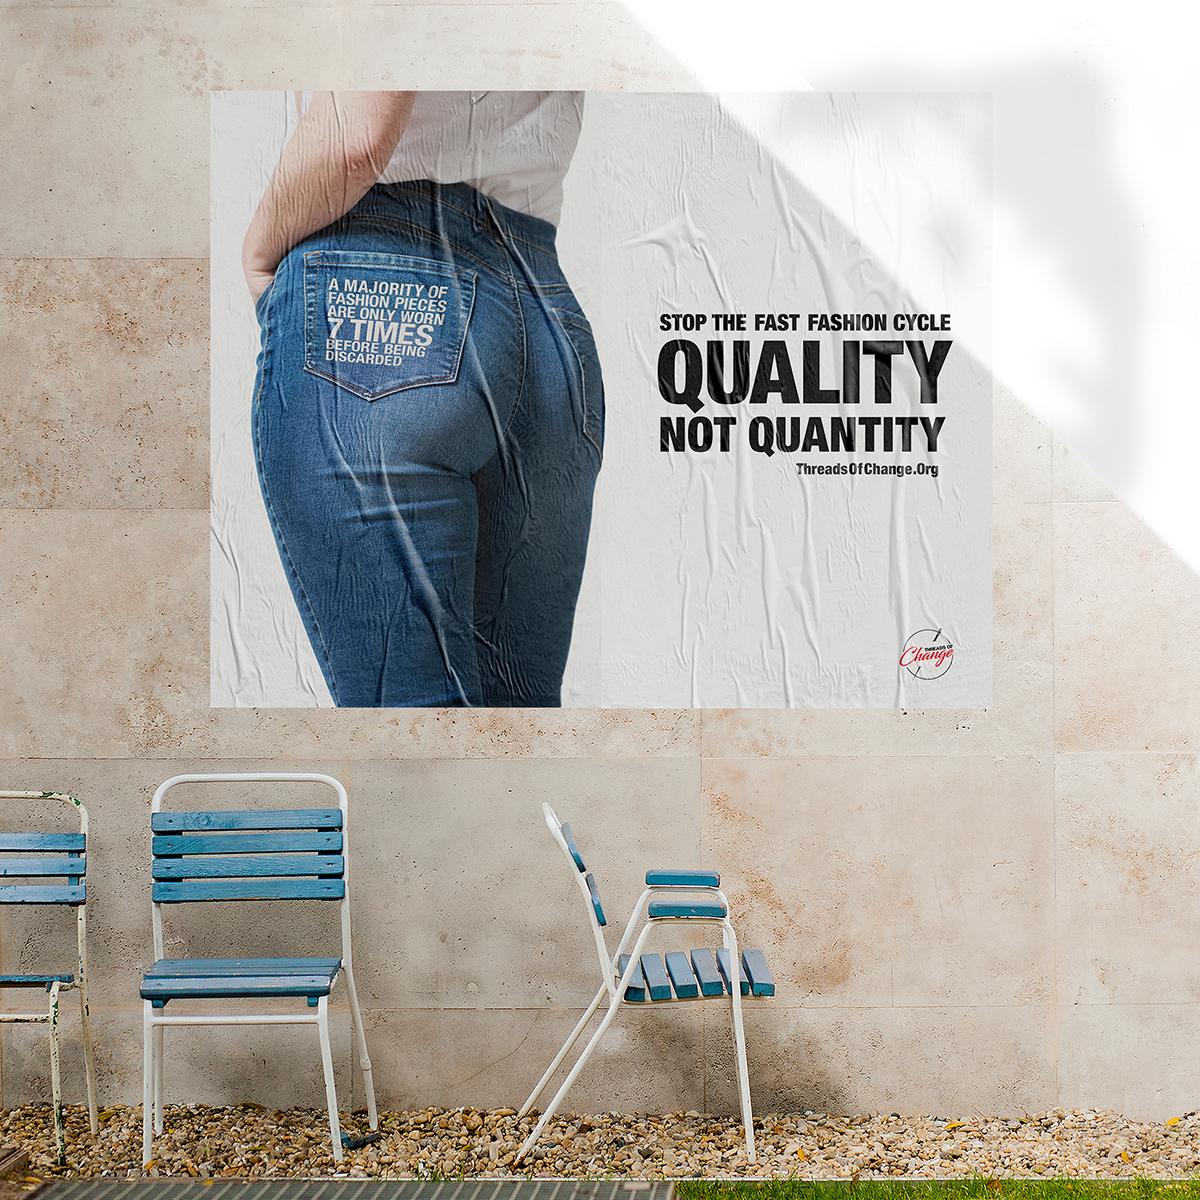 88_urban_poster_mockup_butt.jpg